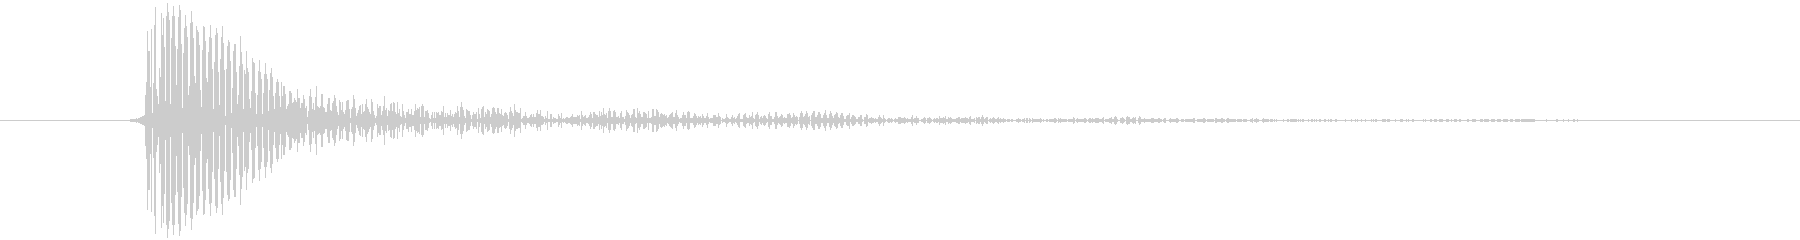 タップ音 (スマホ) キッの未再生の波形